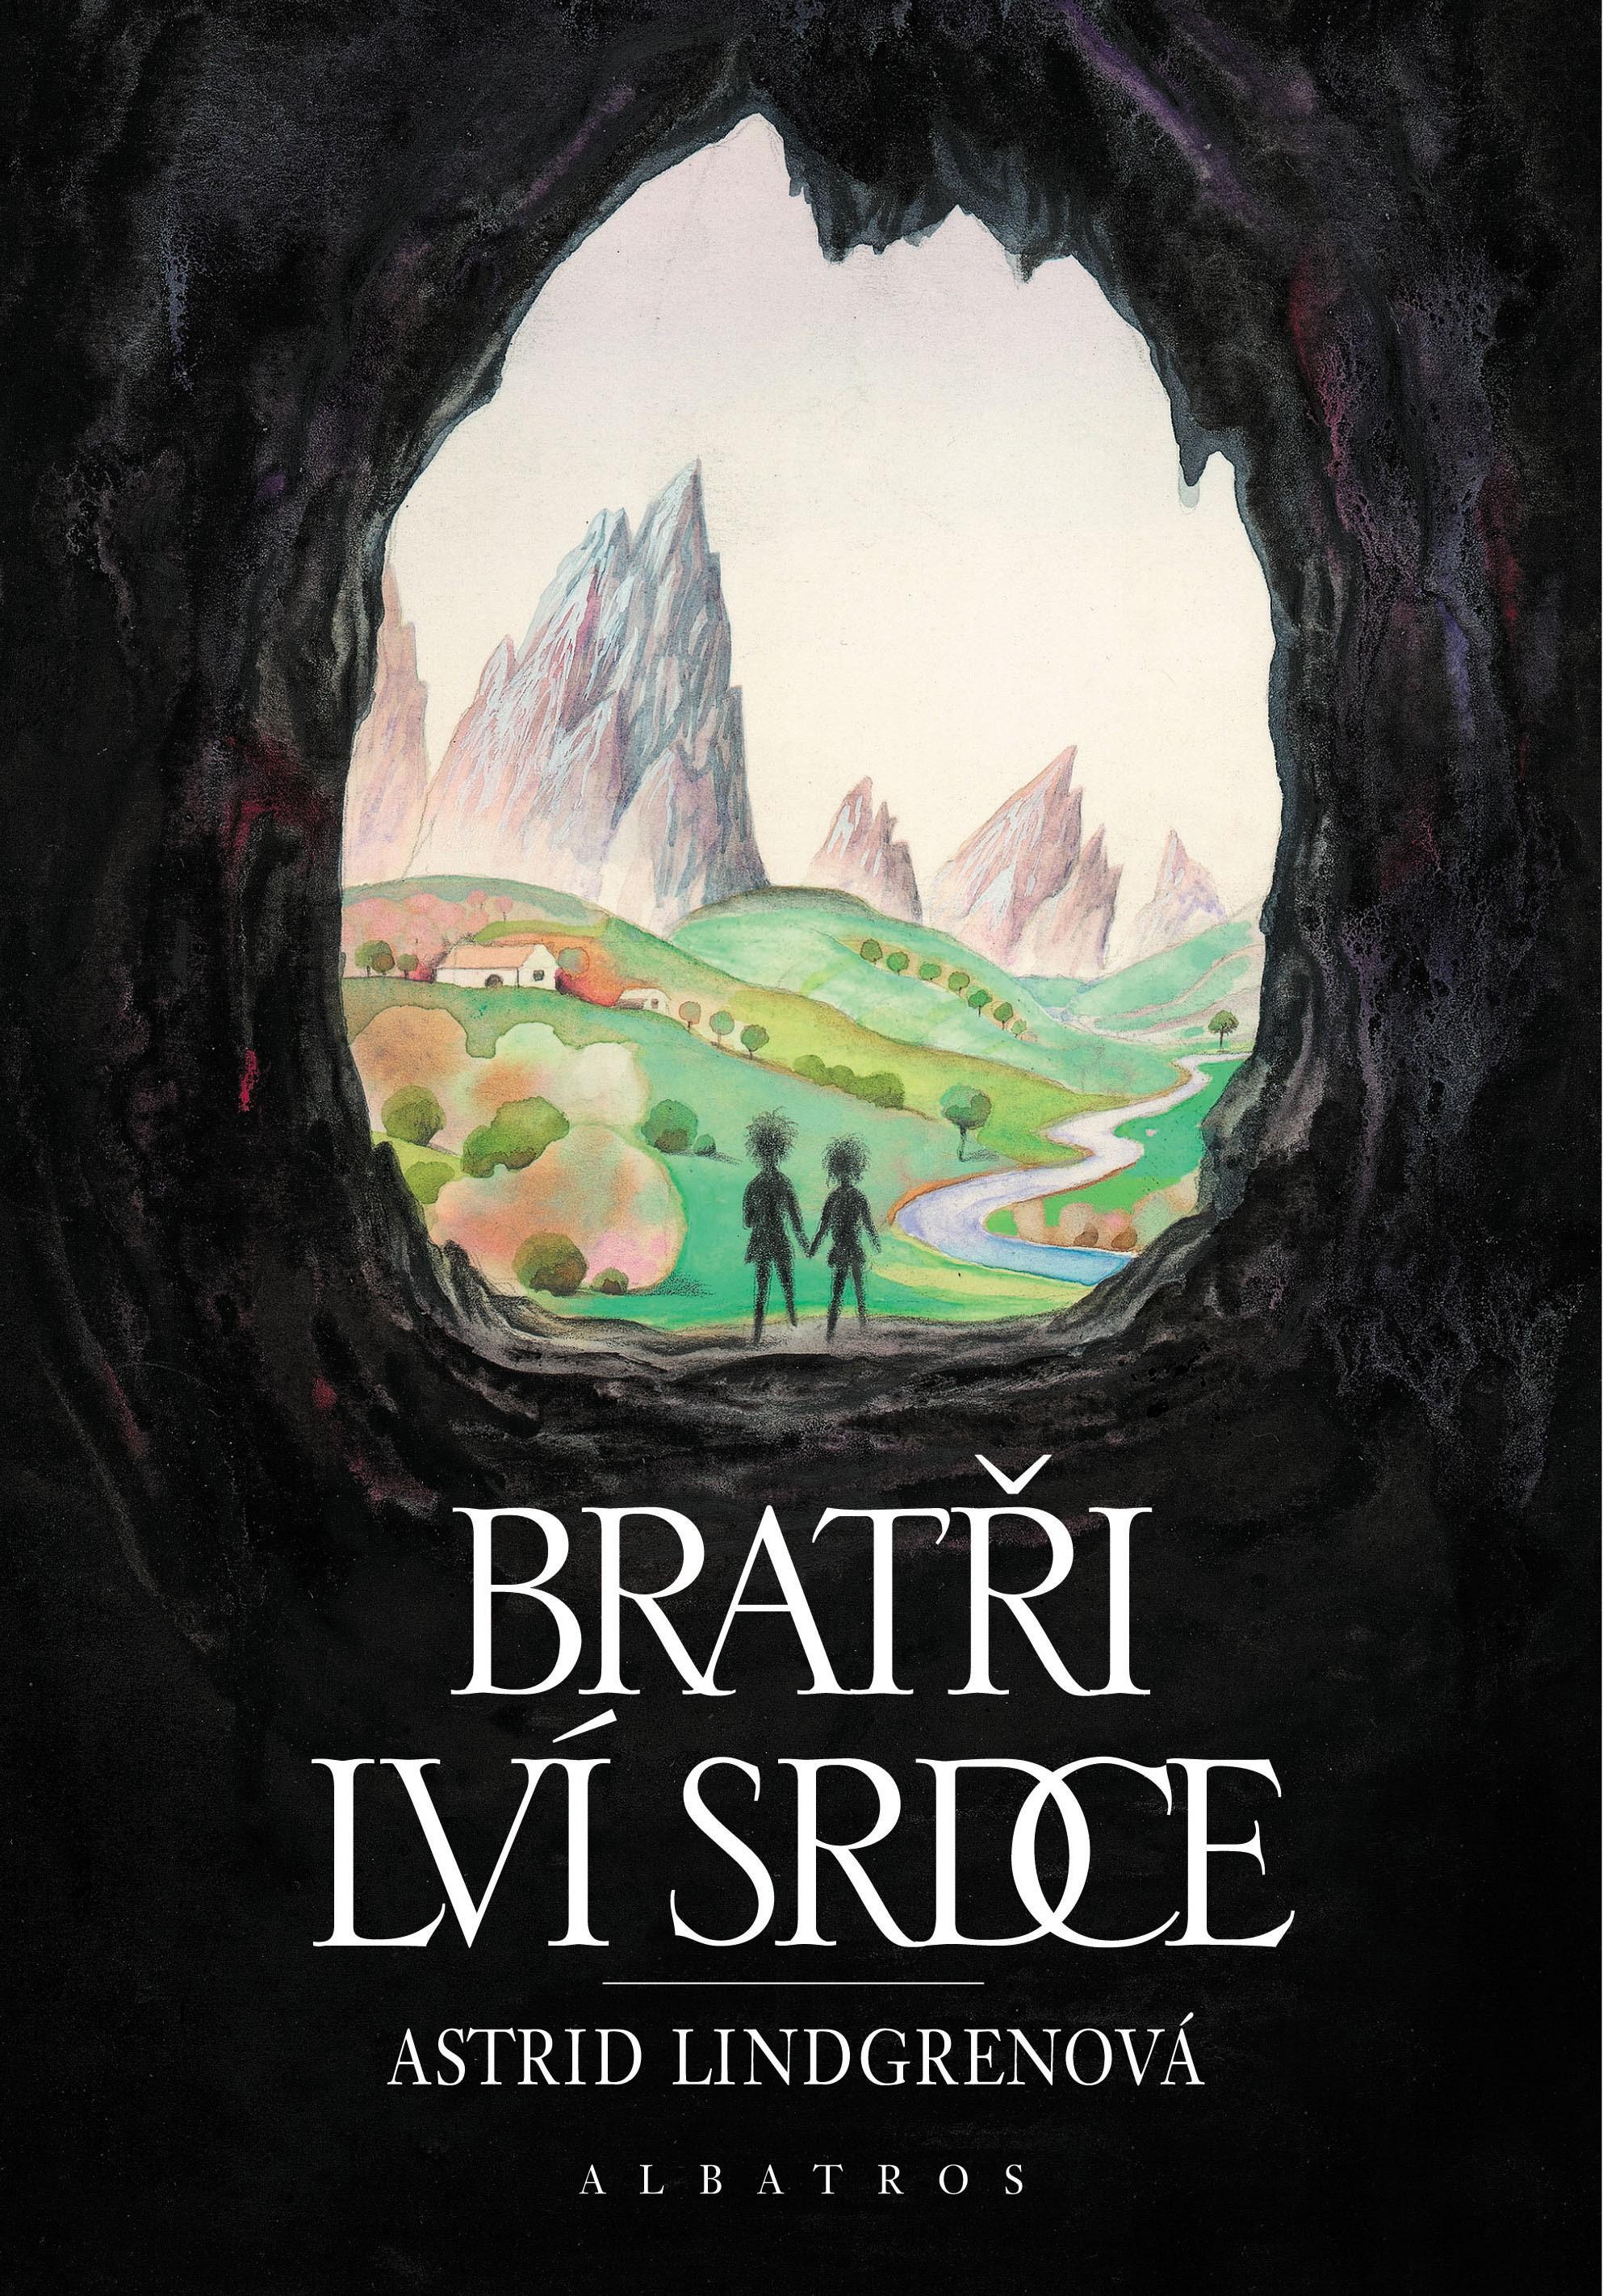 Bratři Lví srdce | Astrid Lindgrenová, František Skála ml.